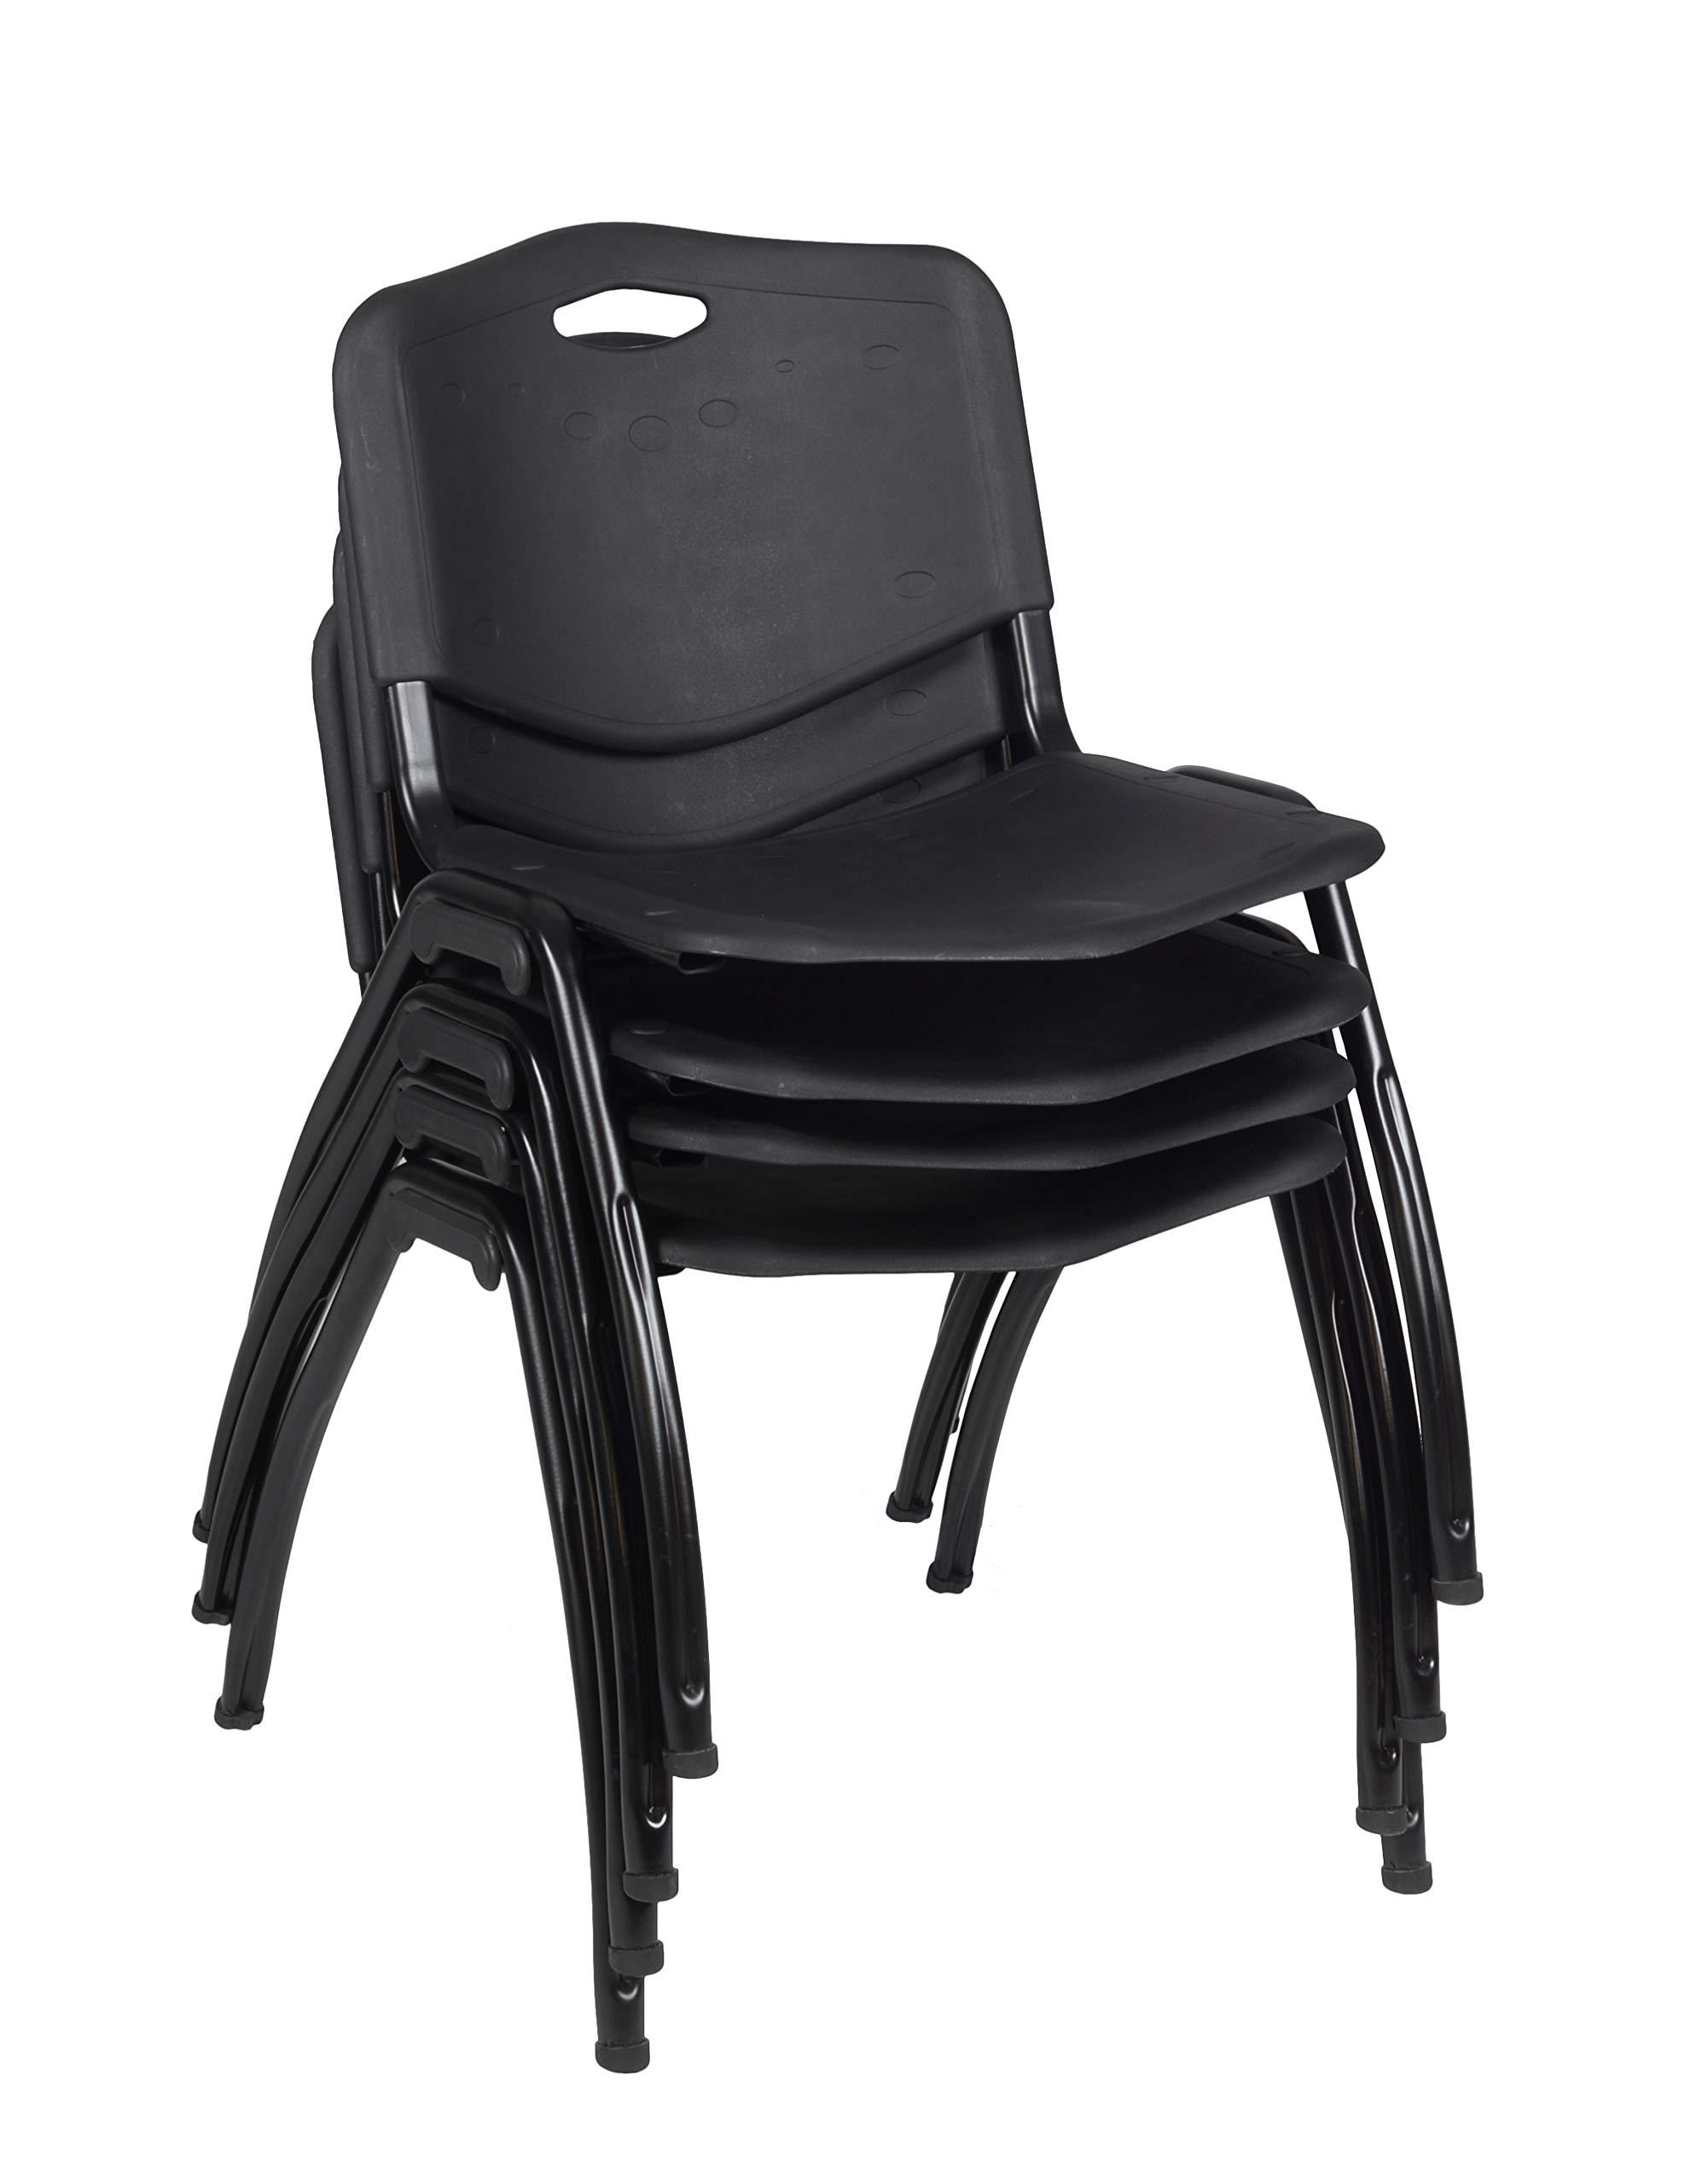 Regency M' Stack Chair (4 Pack), Black by Regency